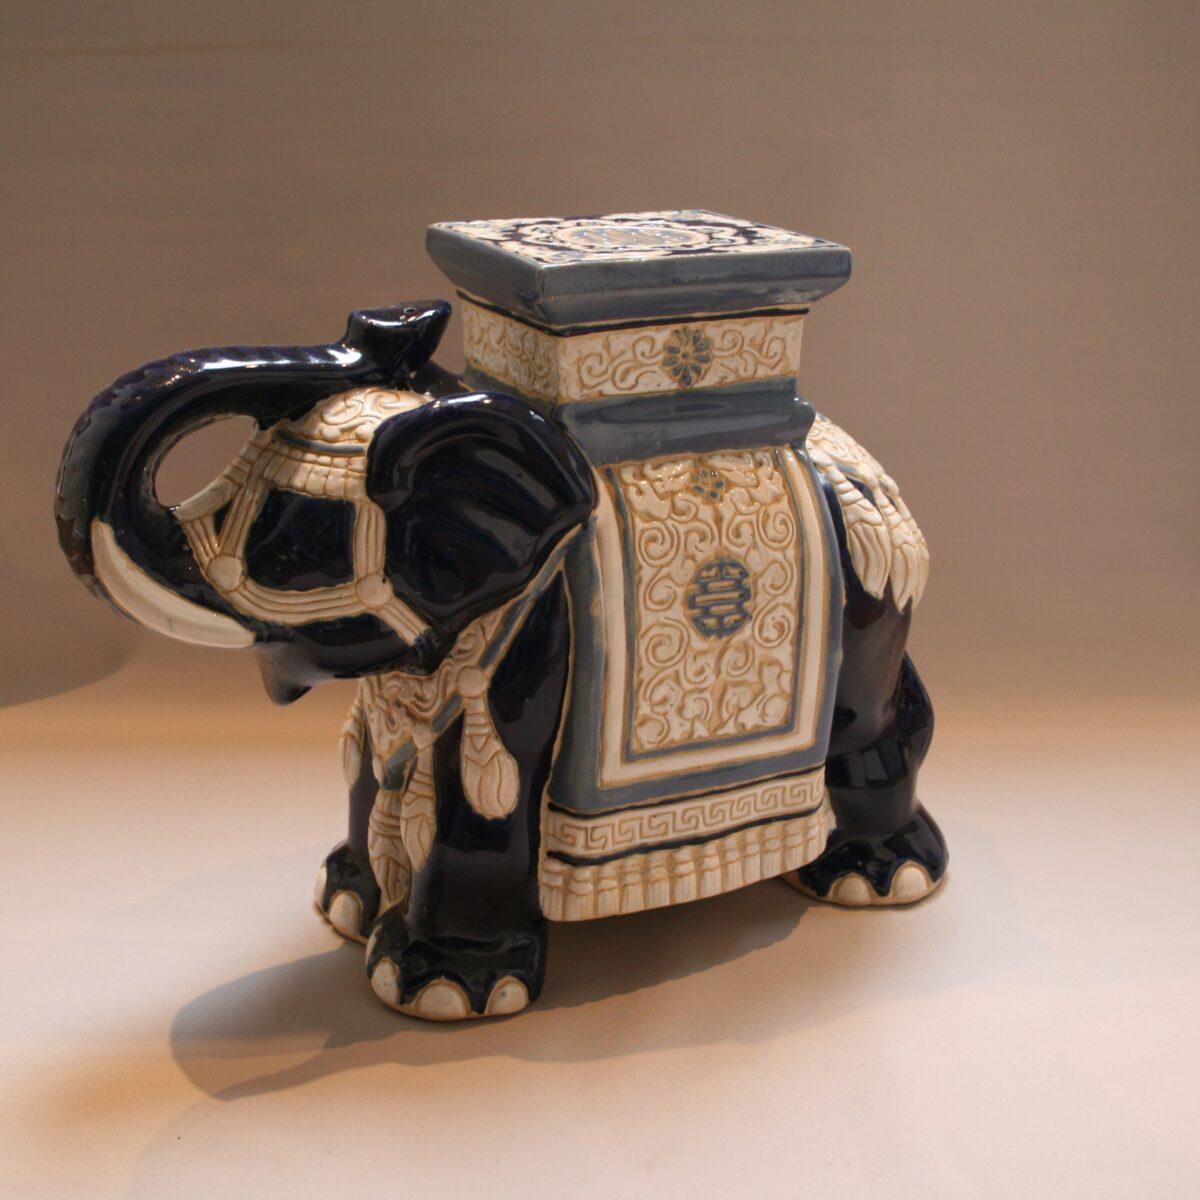 ceramic Elephant plant stand/williamsantiques